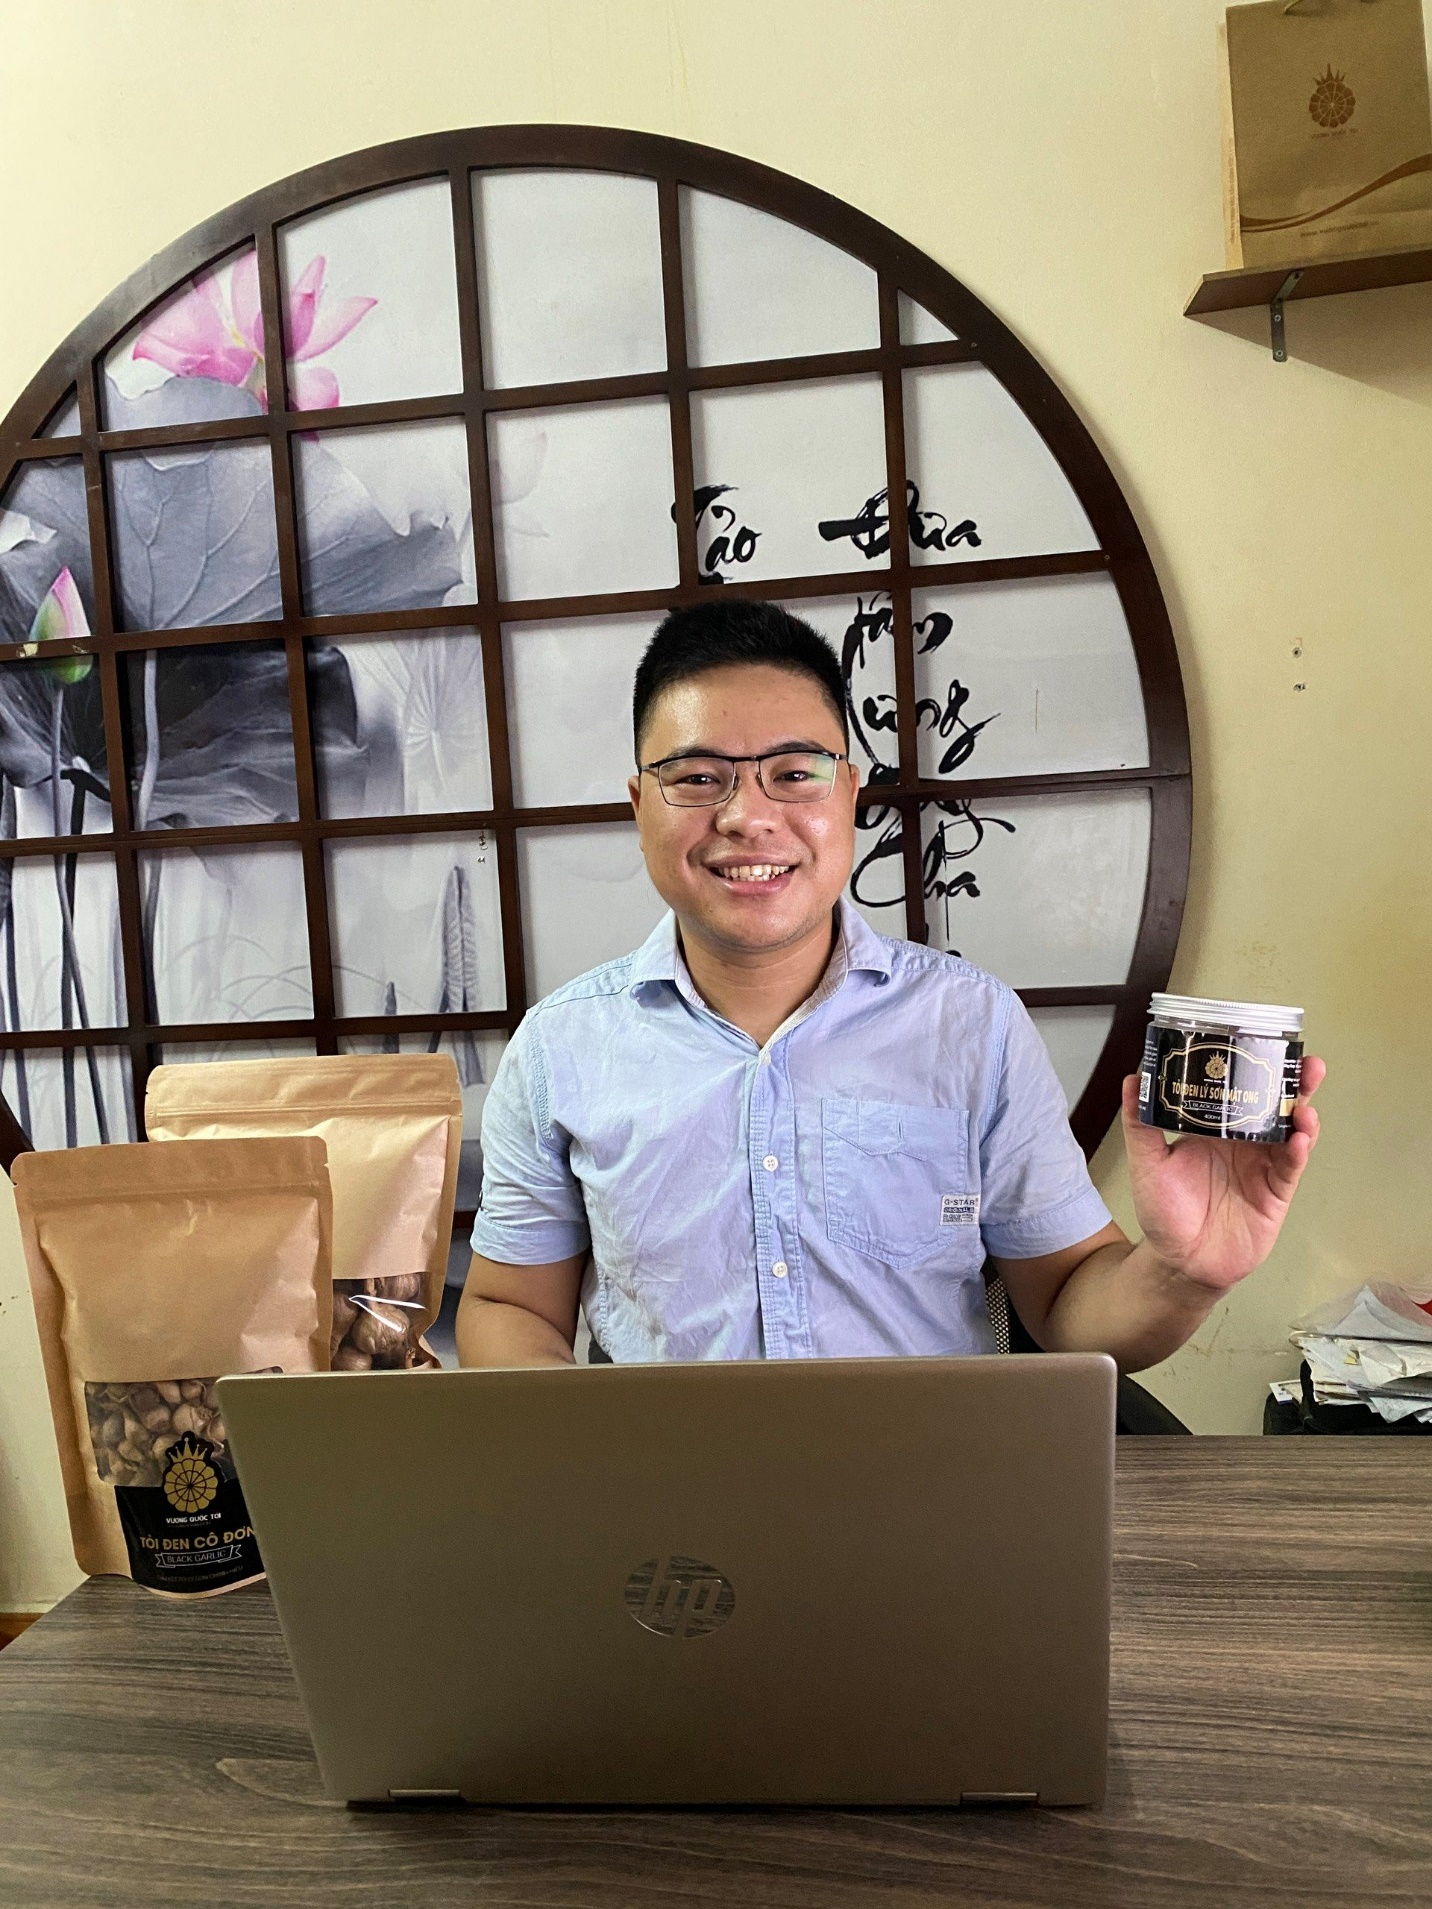 Khởi nghiệp kinh doanh thương mại điện tử: Dễ và khó - Ảnh 2.